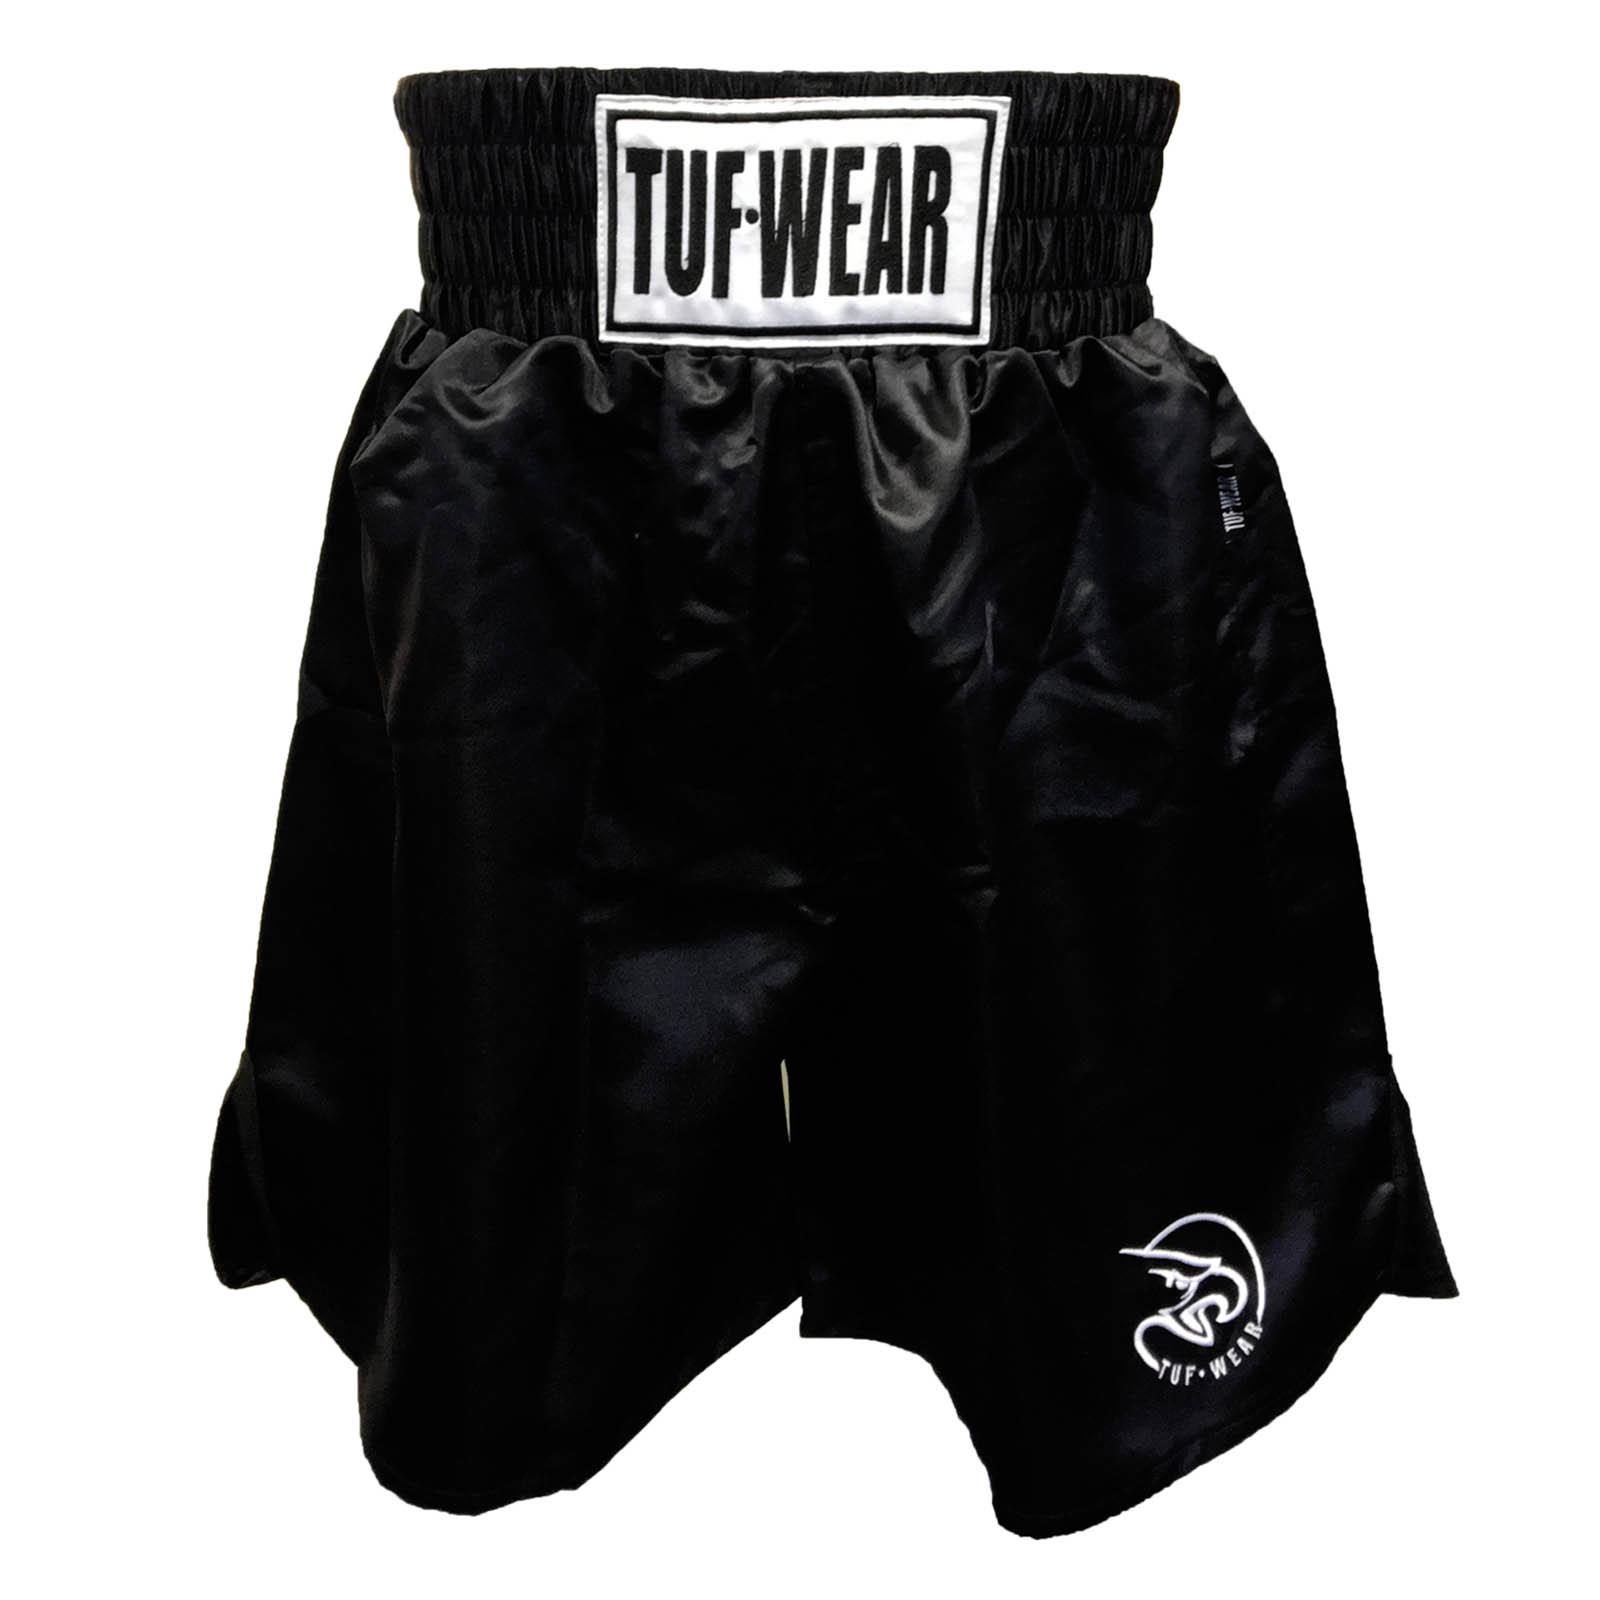 TUF Wear Club Boxe Pantaloncini